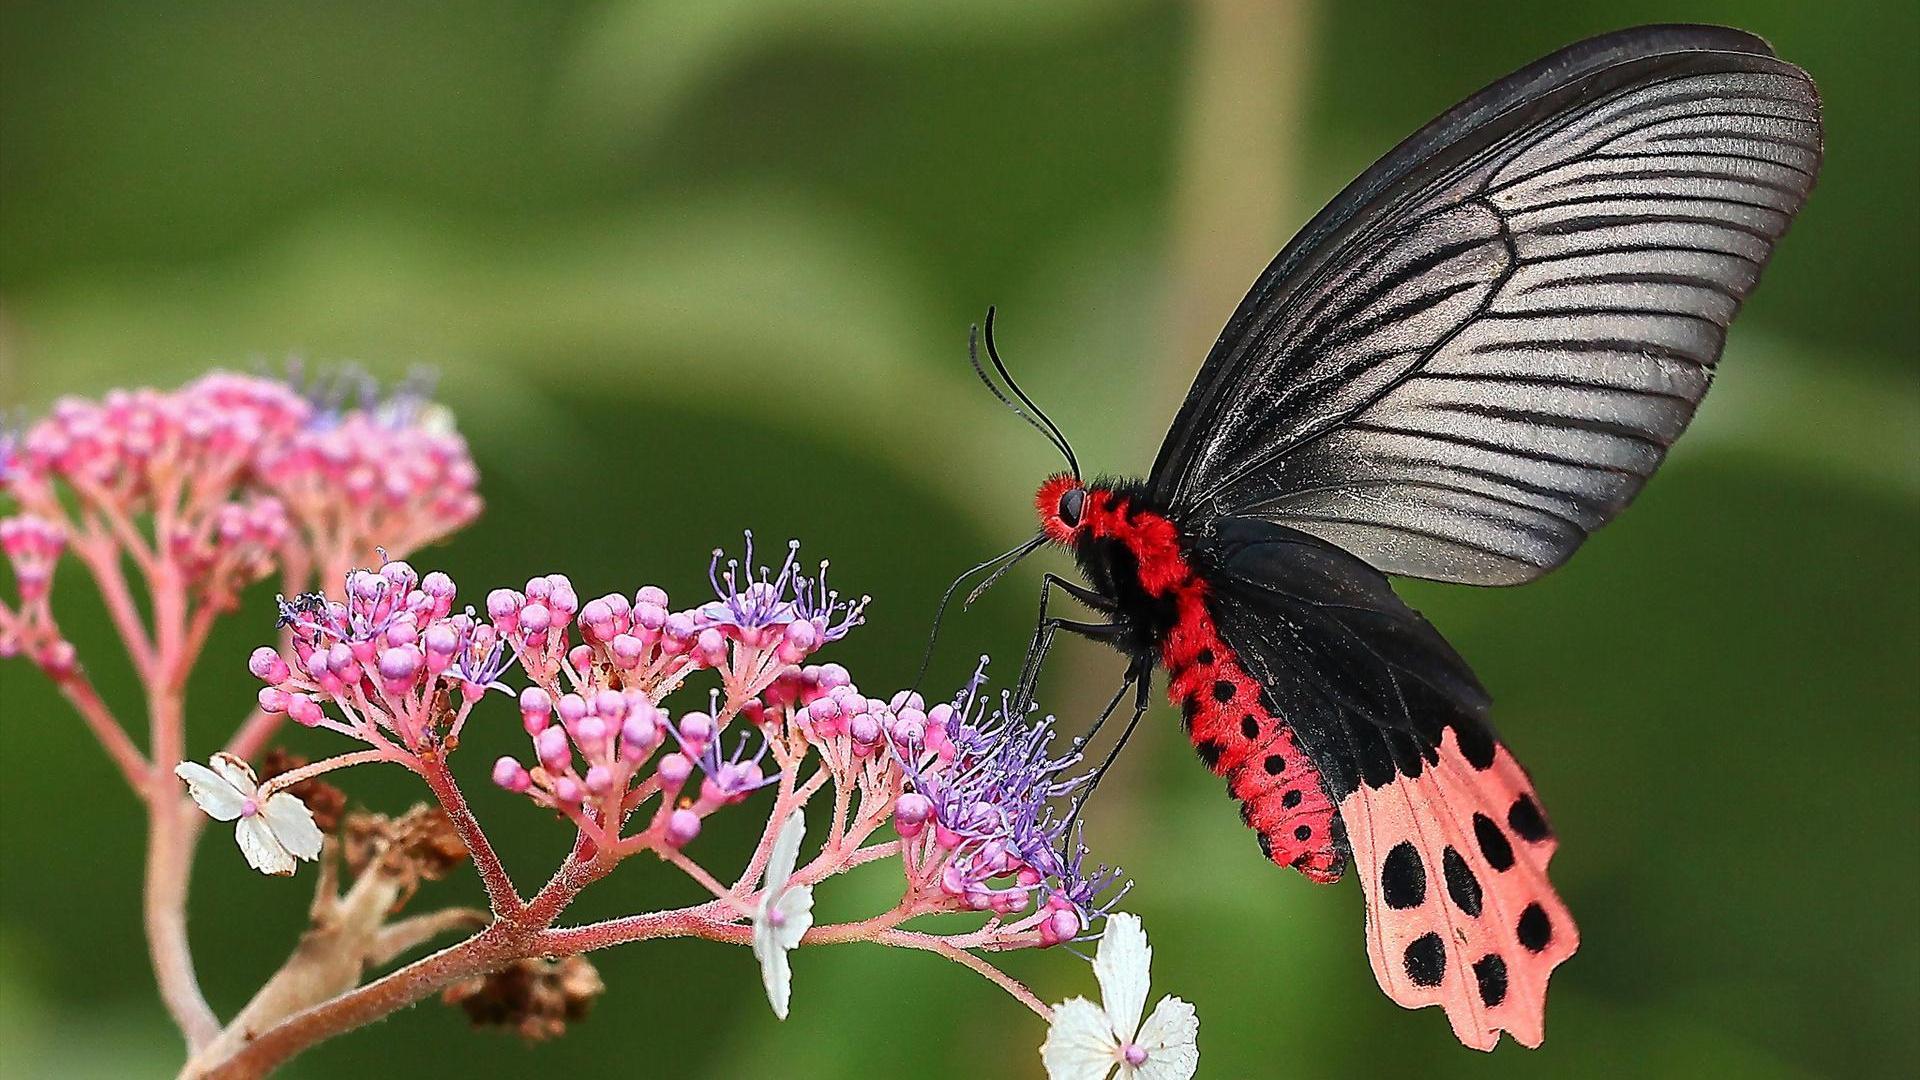 [39+] Pink Butterfly Wallpaper Flower on WallpaperSafari